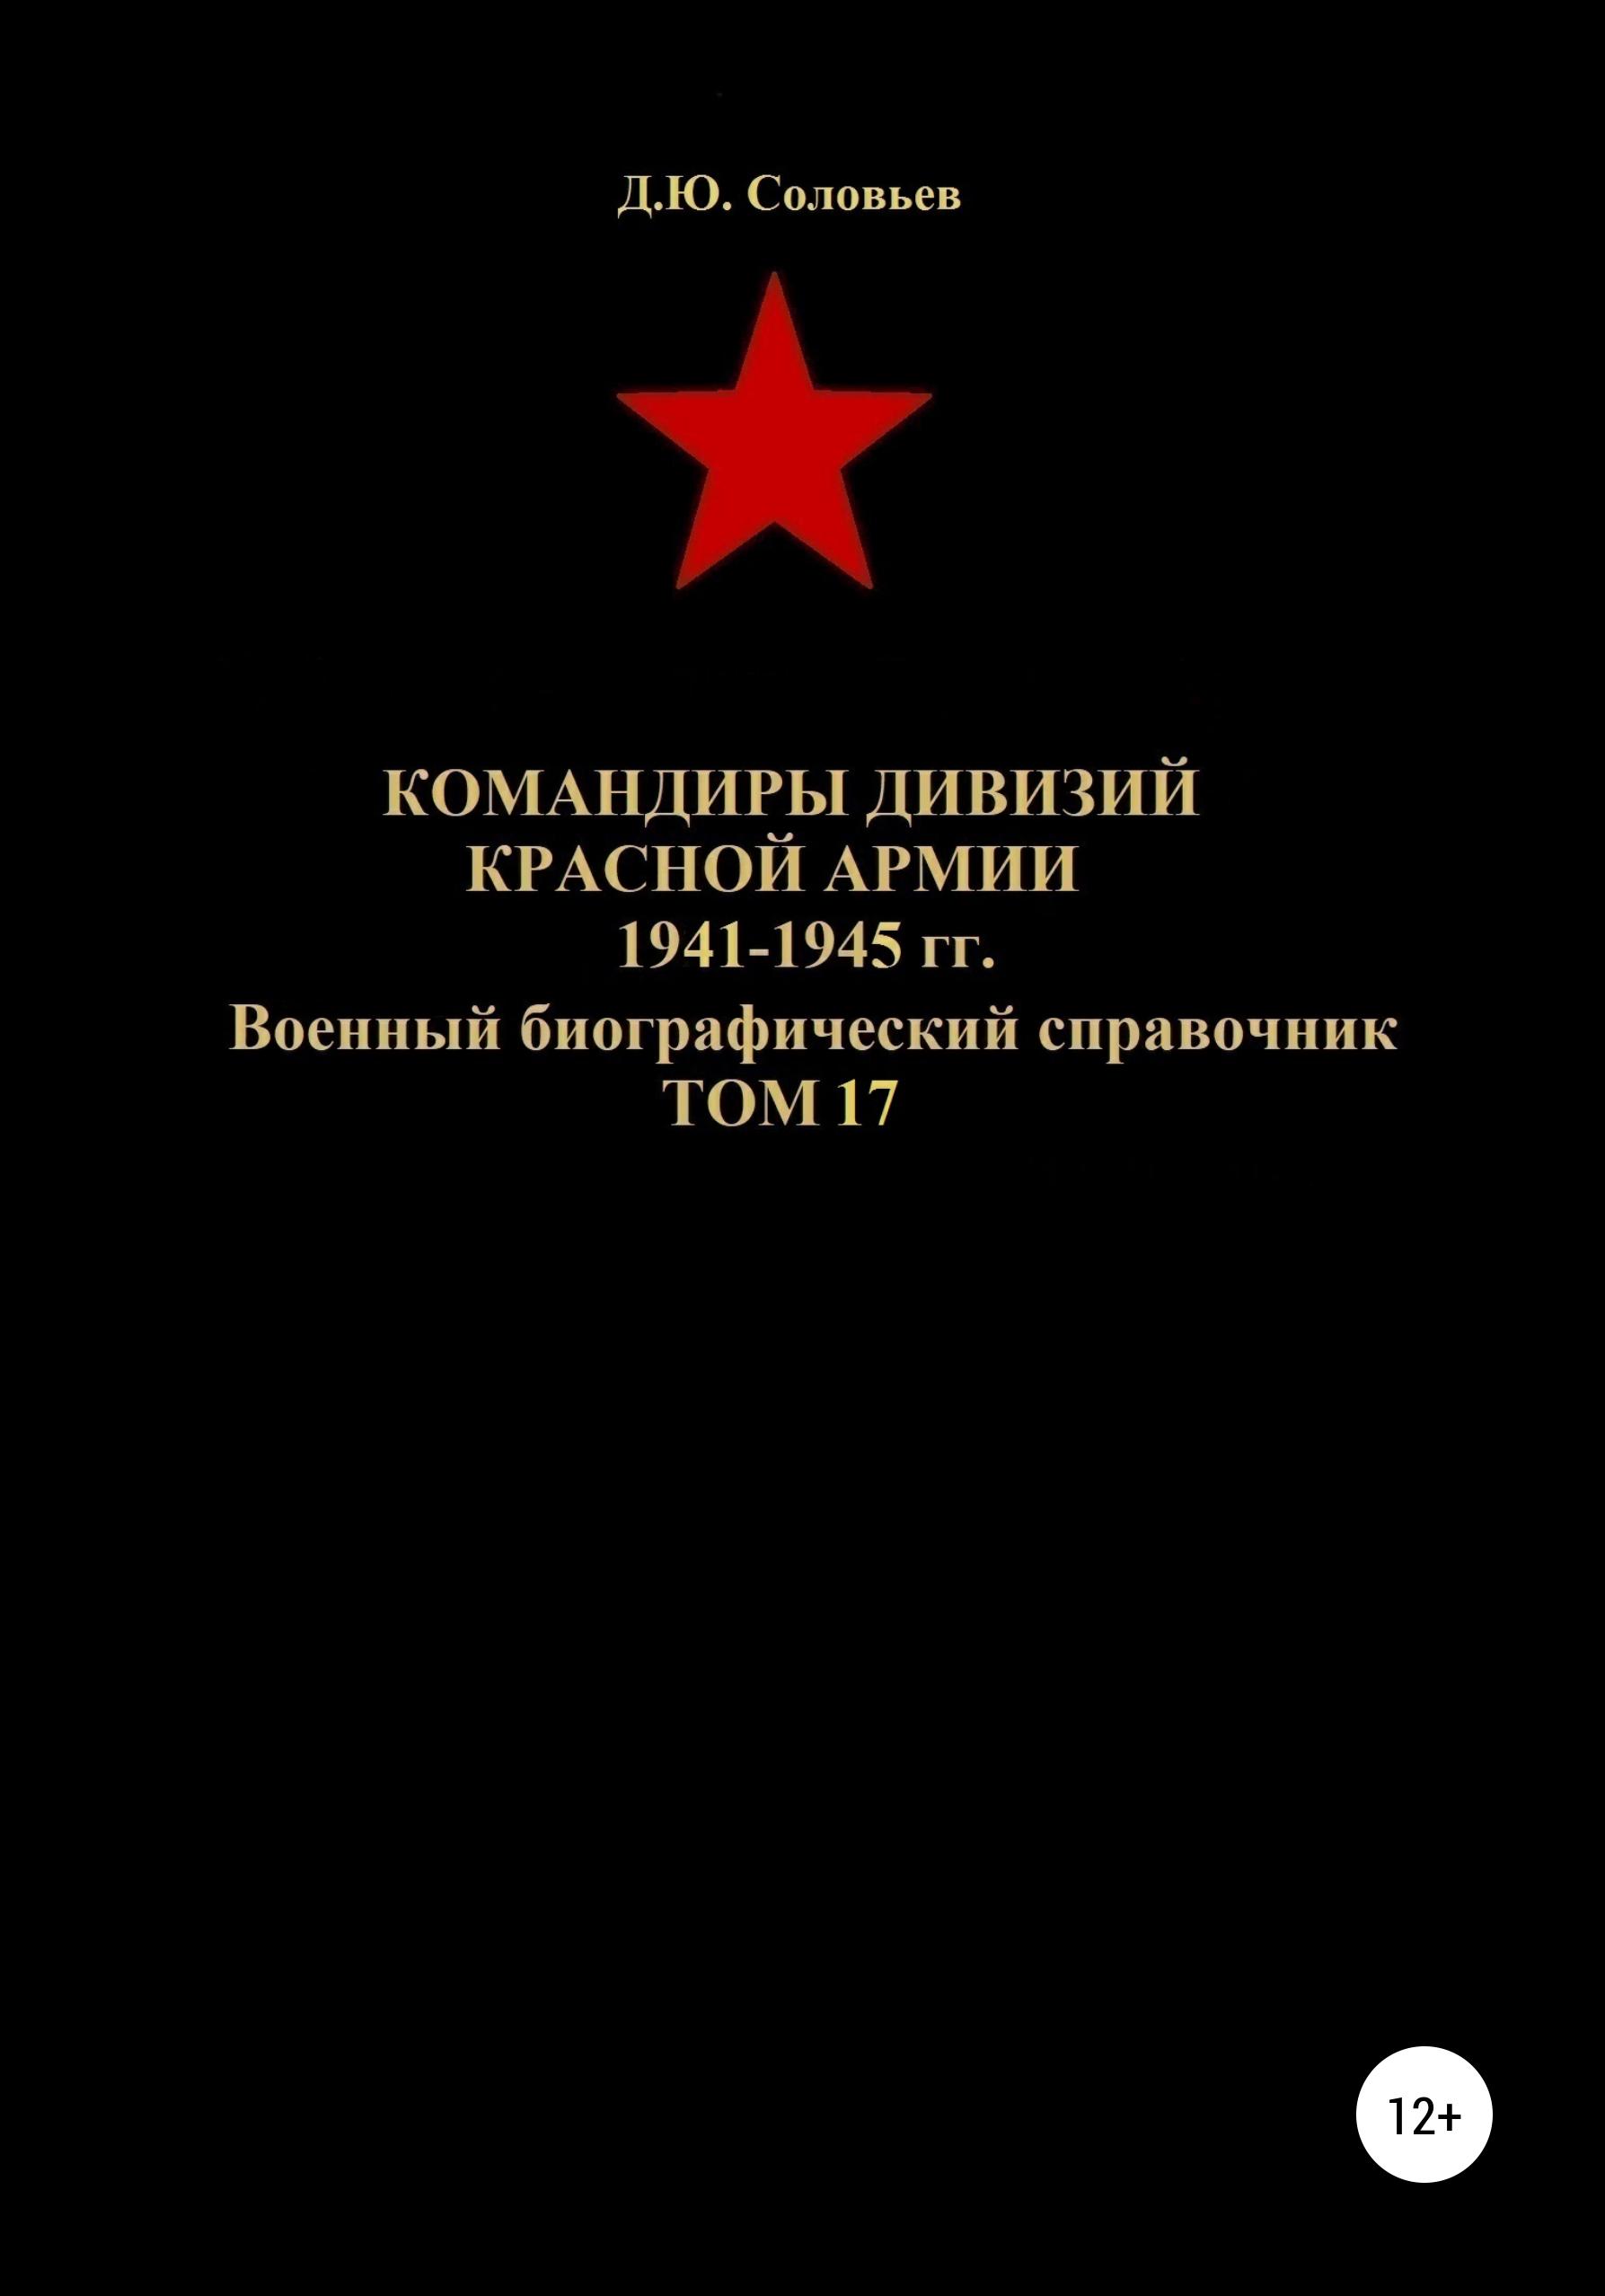 Командиры дивизий Красной Армии 1941-1945 гг. Том 17